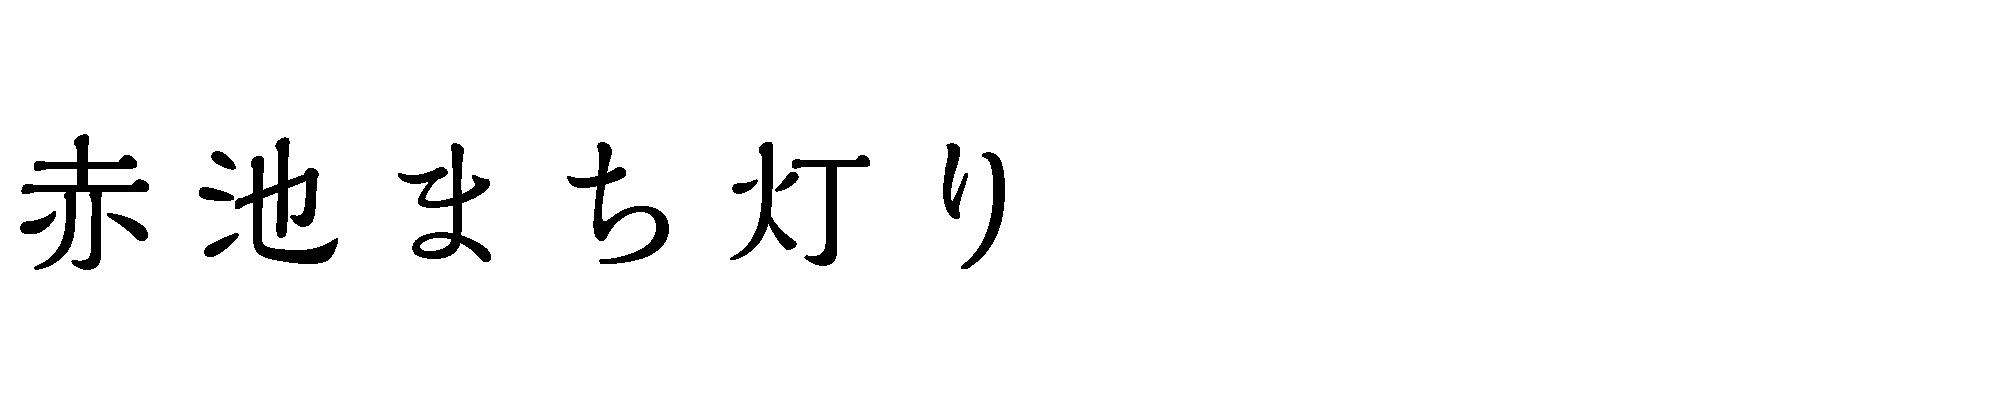 赤池まち灯りプロジェクト